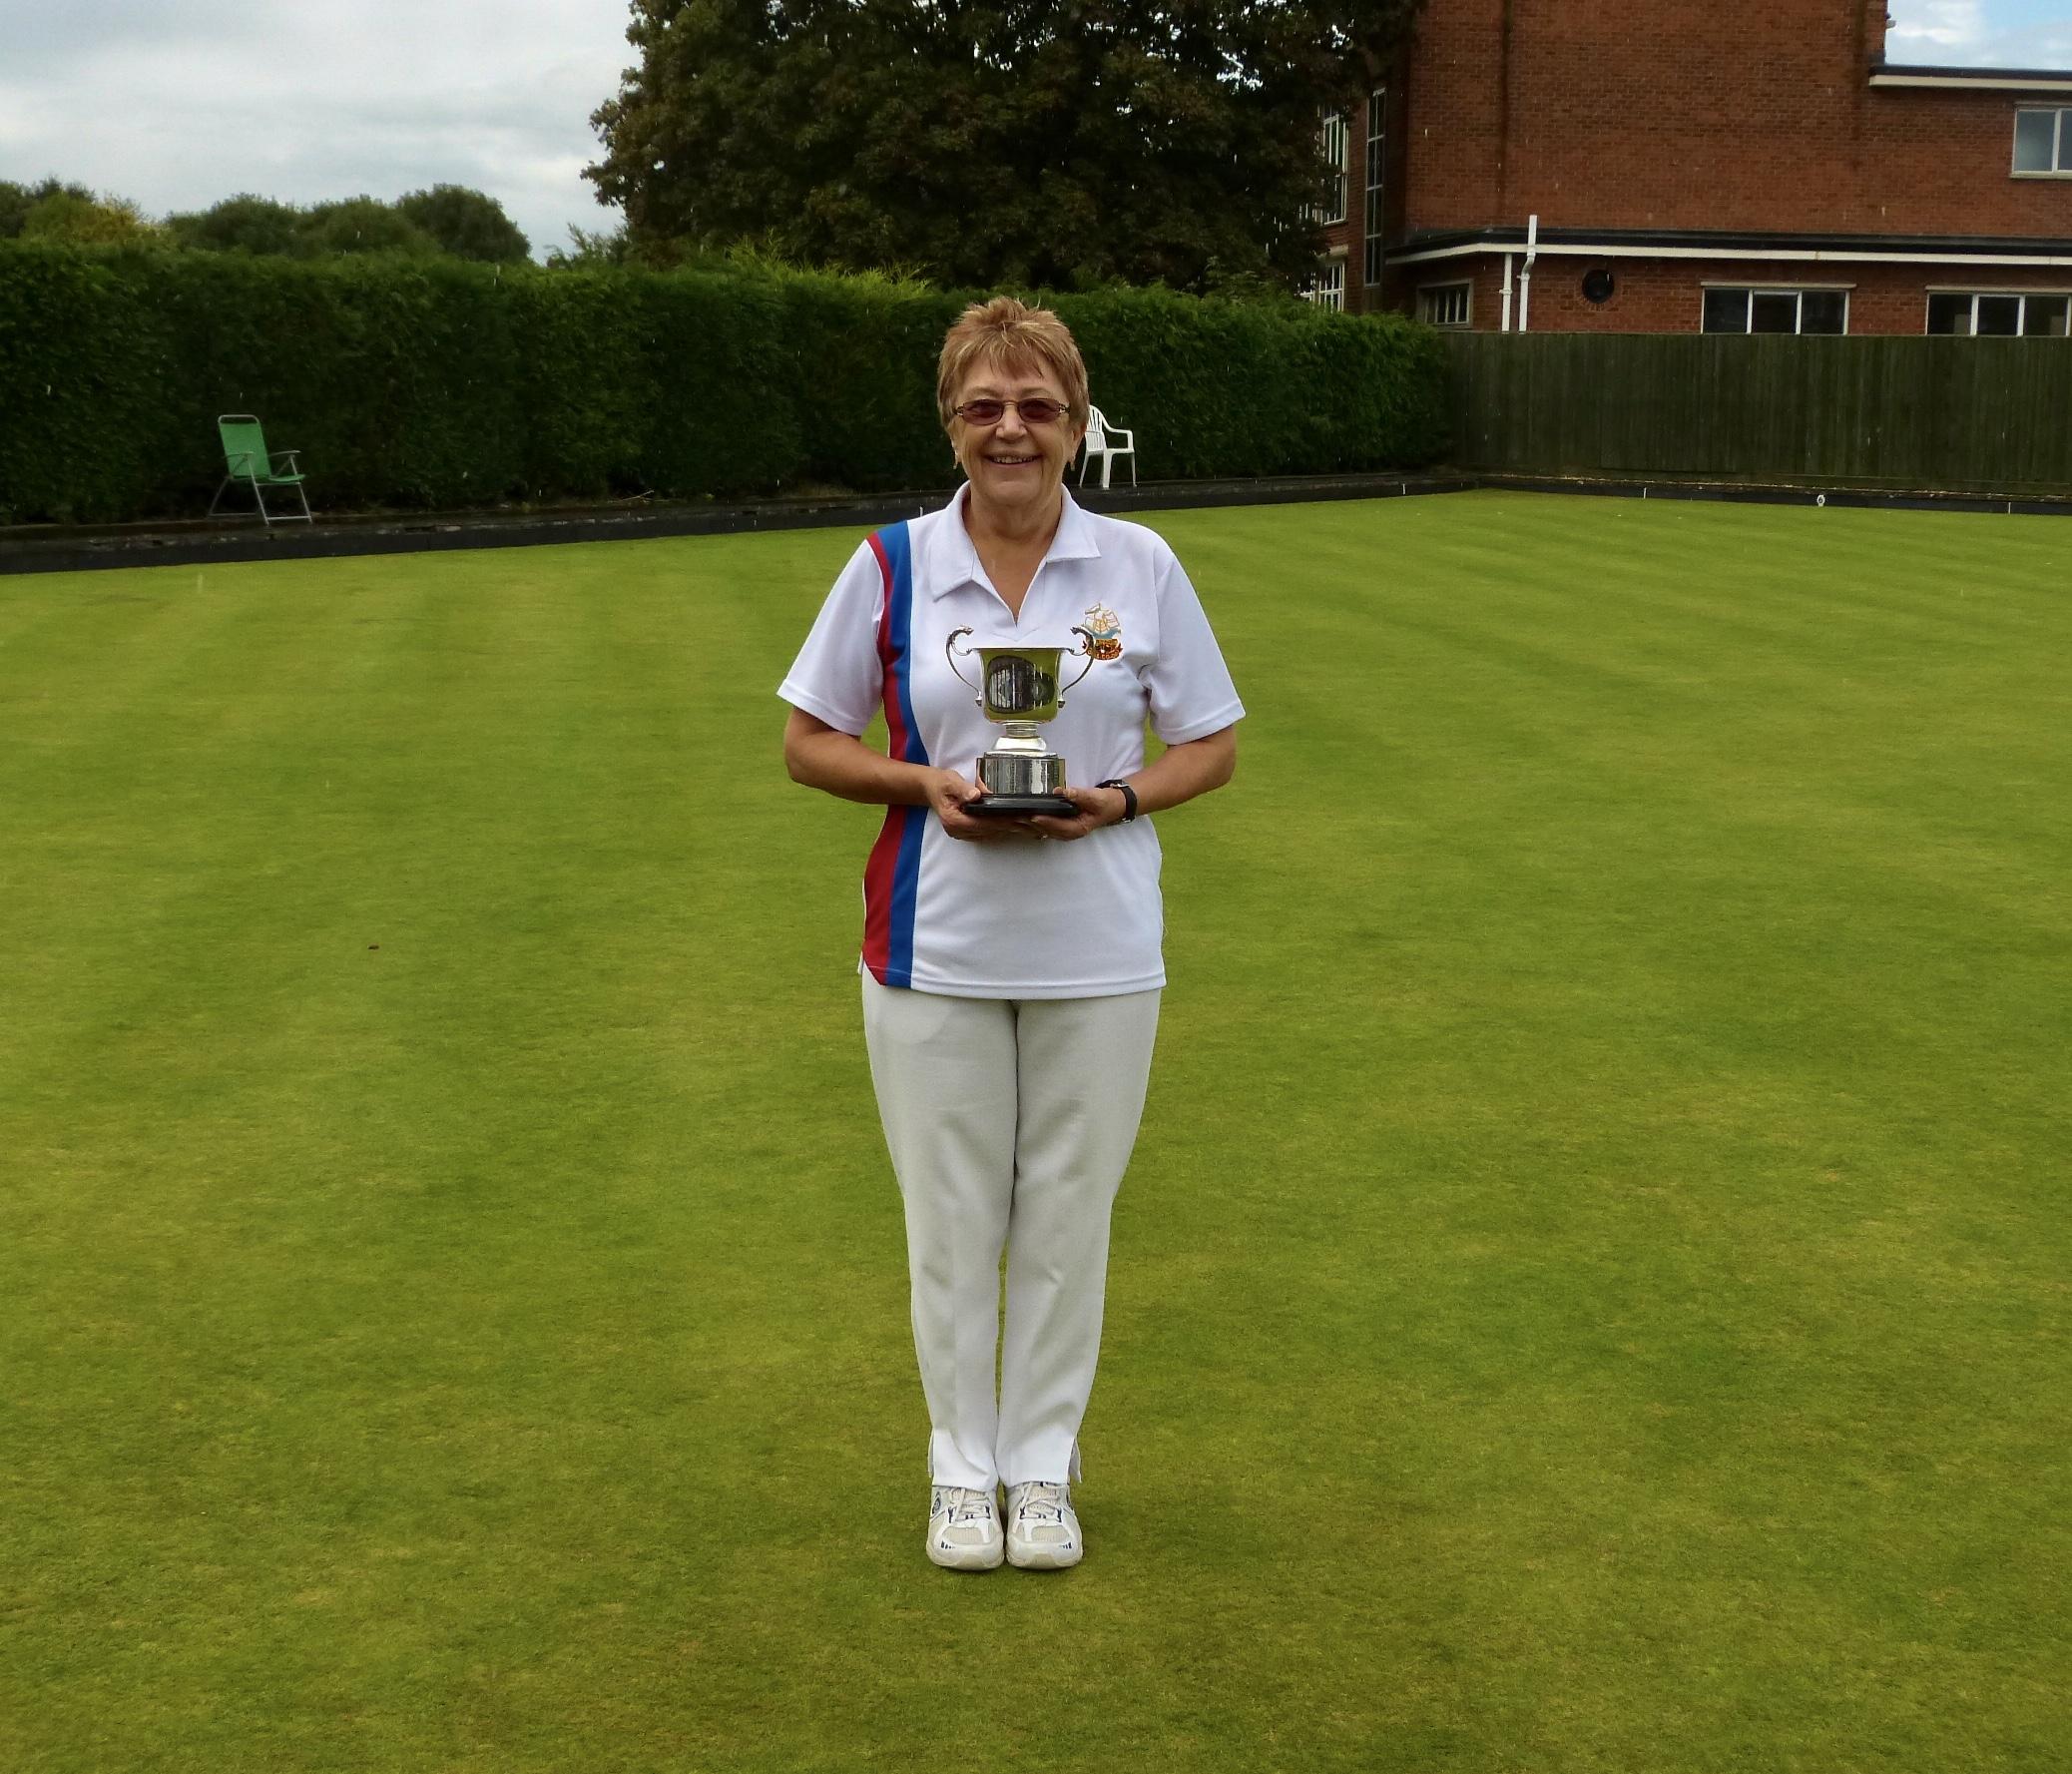 ROY BUTLER CUP   Winner - Hazel Hembling  Runner Up - Trevor Oliver